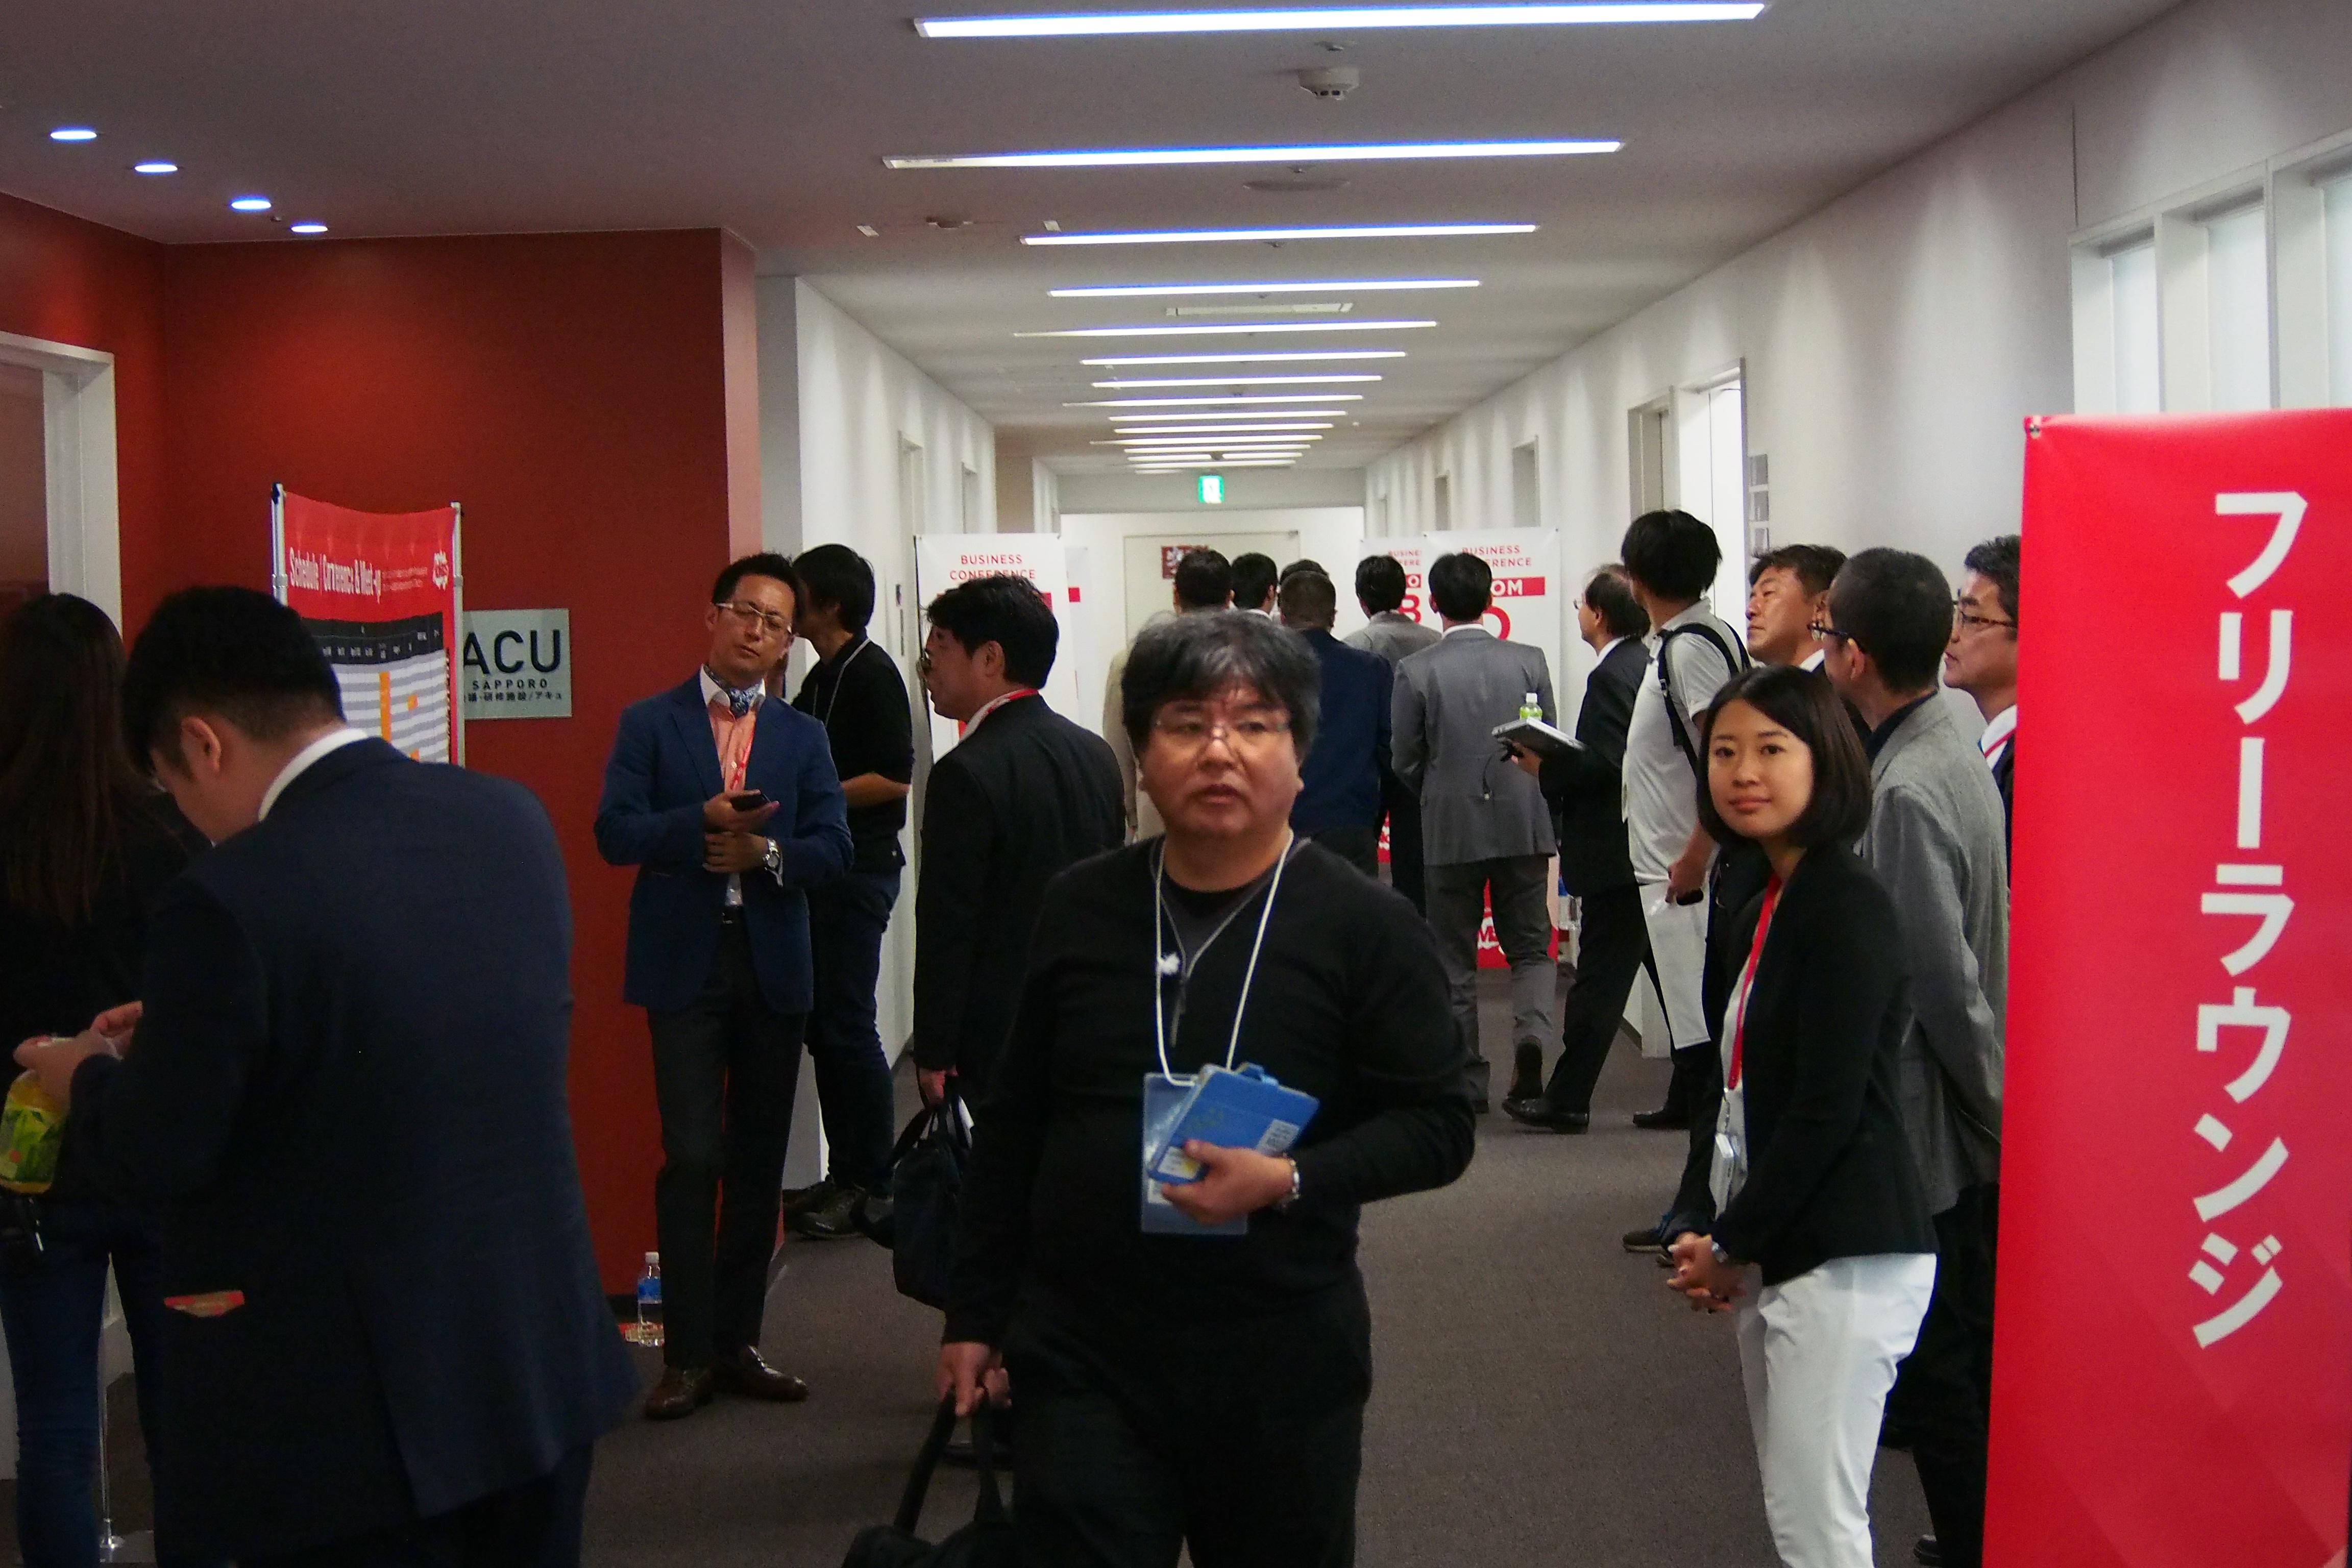 ビジネスカンファレンスには道内を中心に沢山の来場者が訪れた